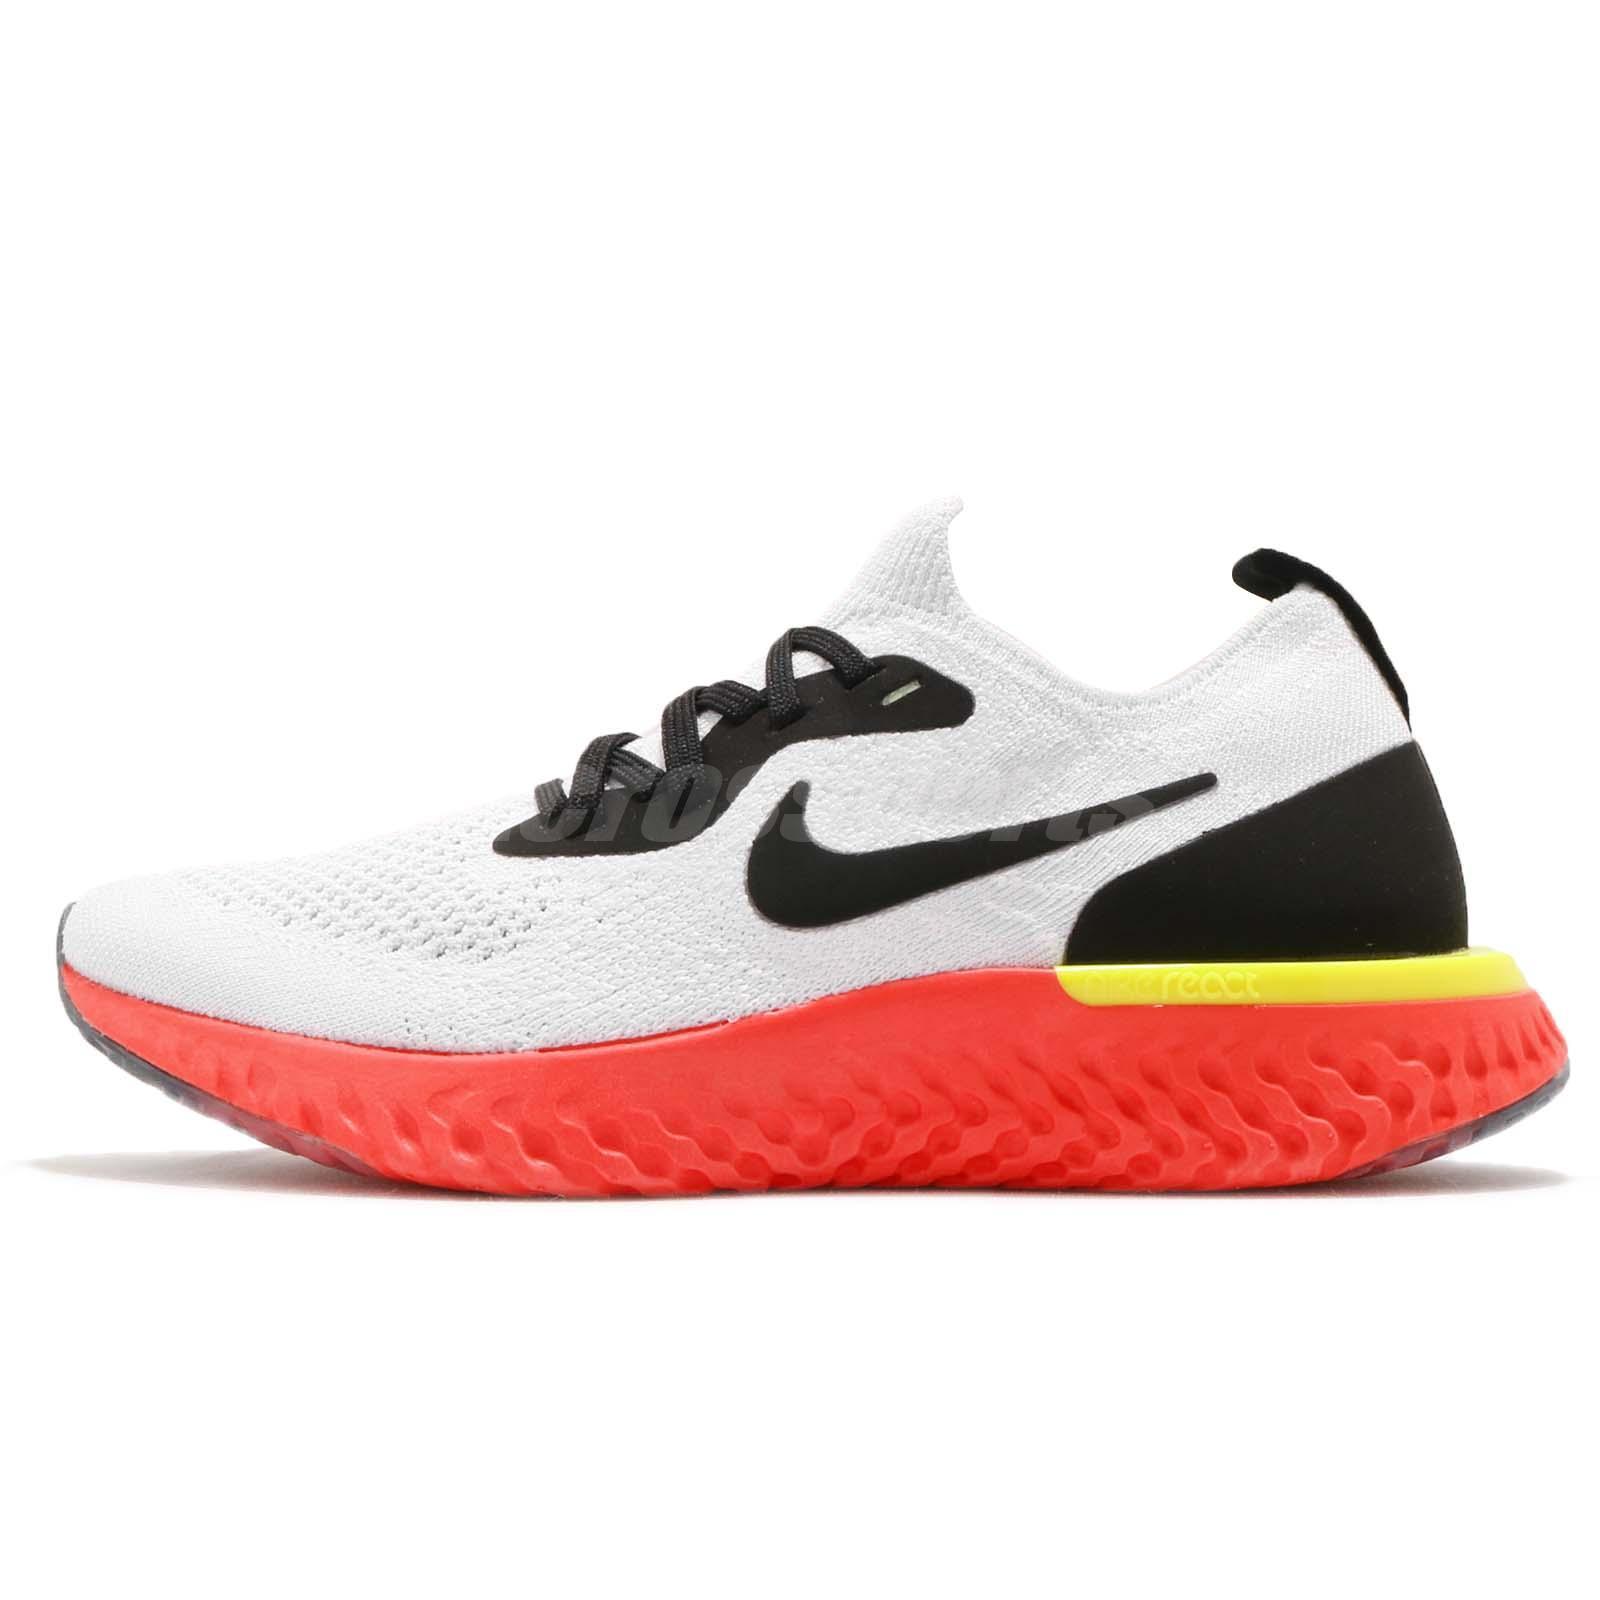 Nike Epic React Flyknit GS White Black